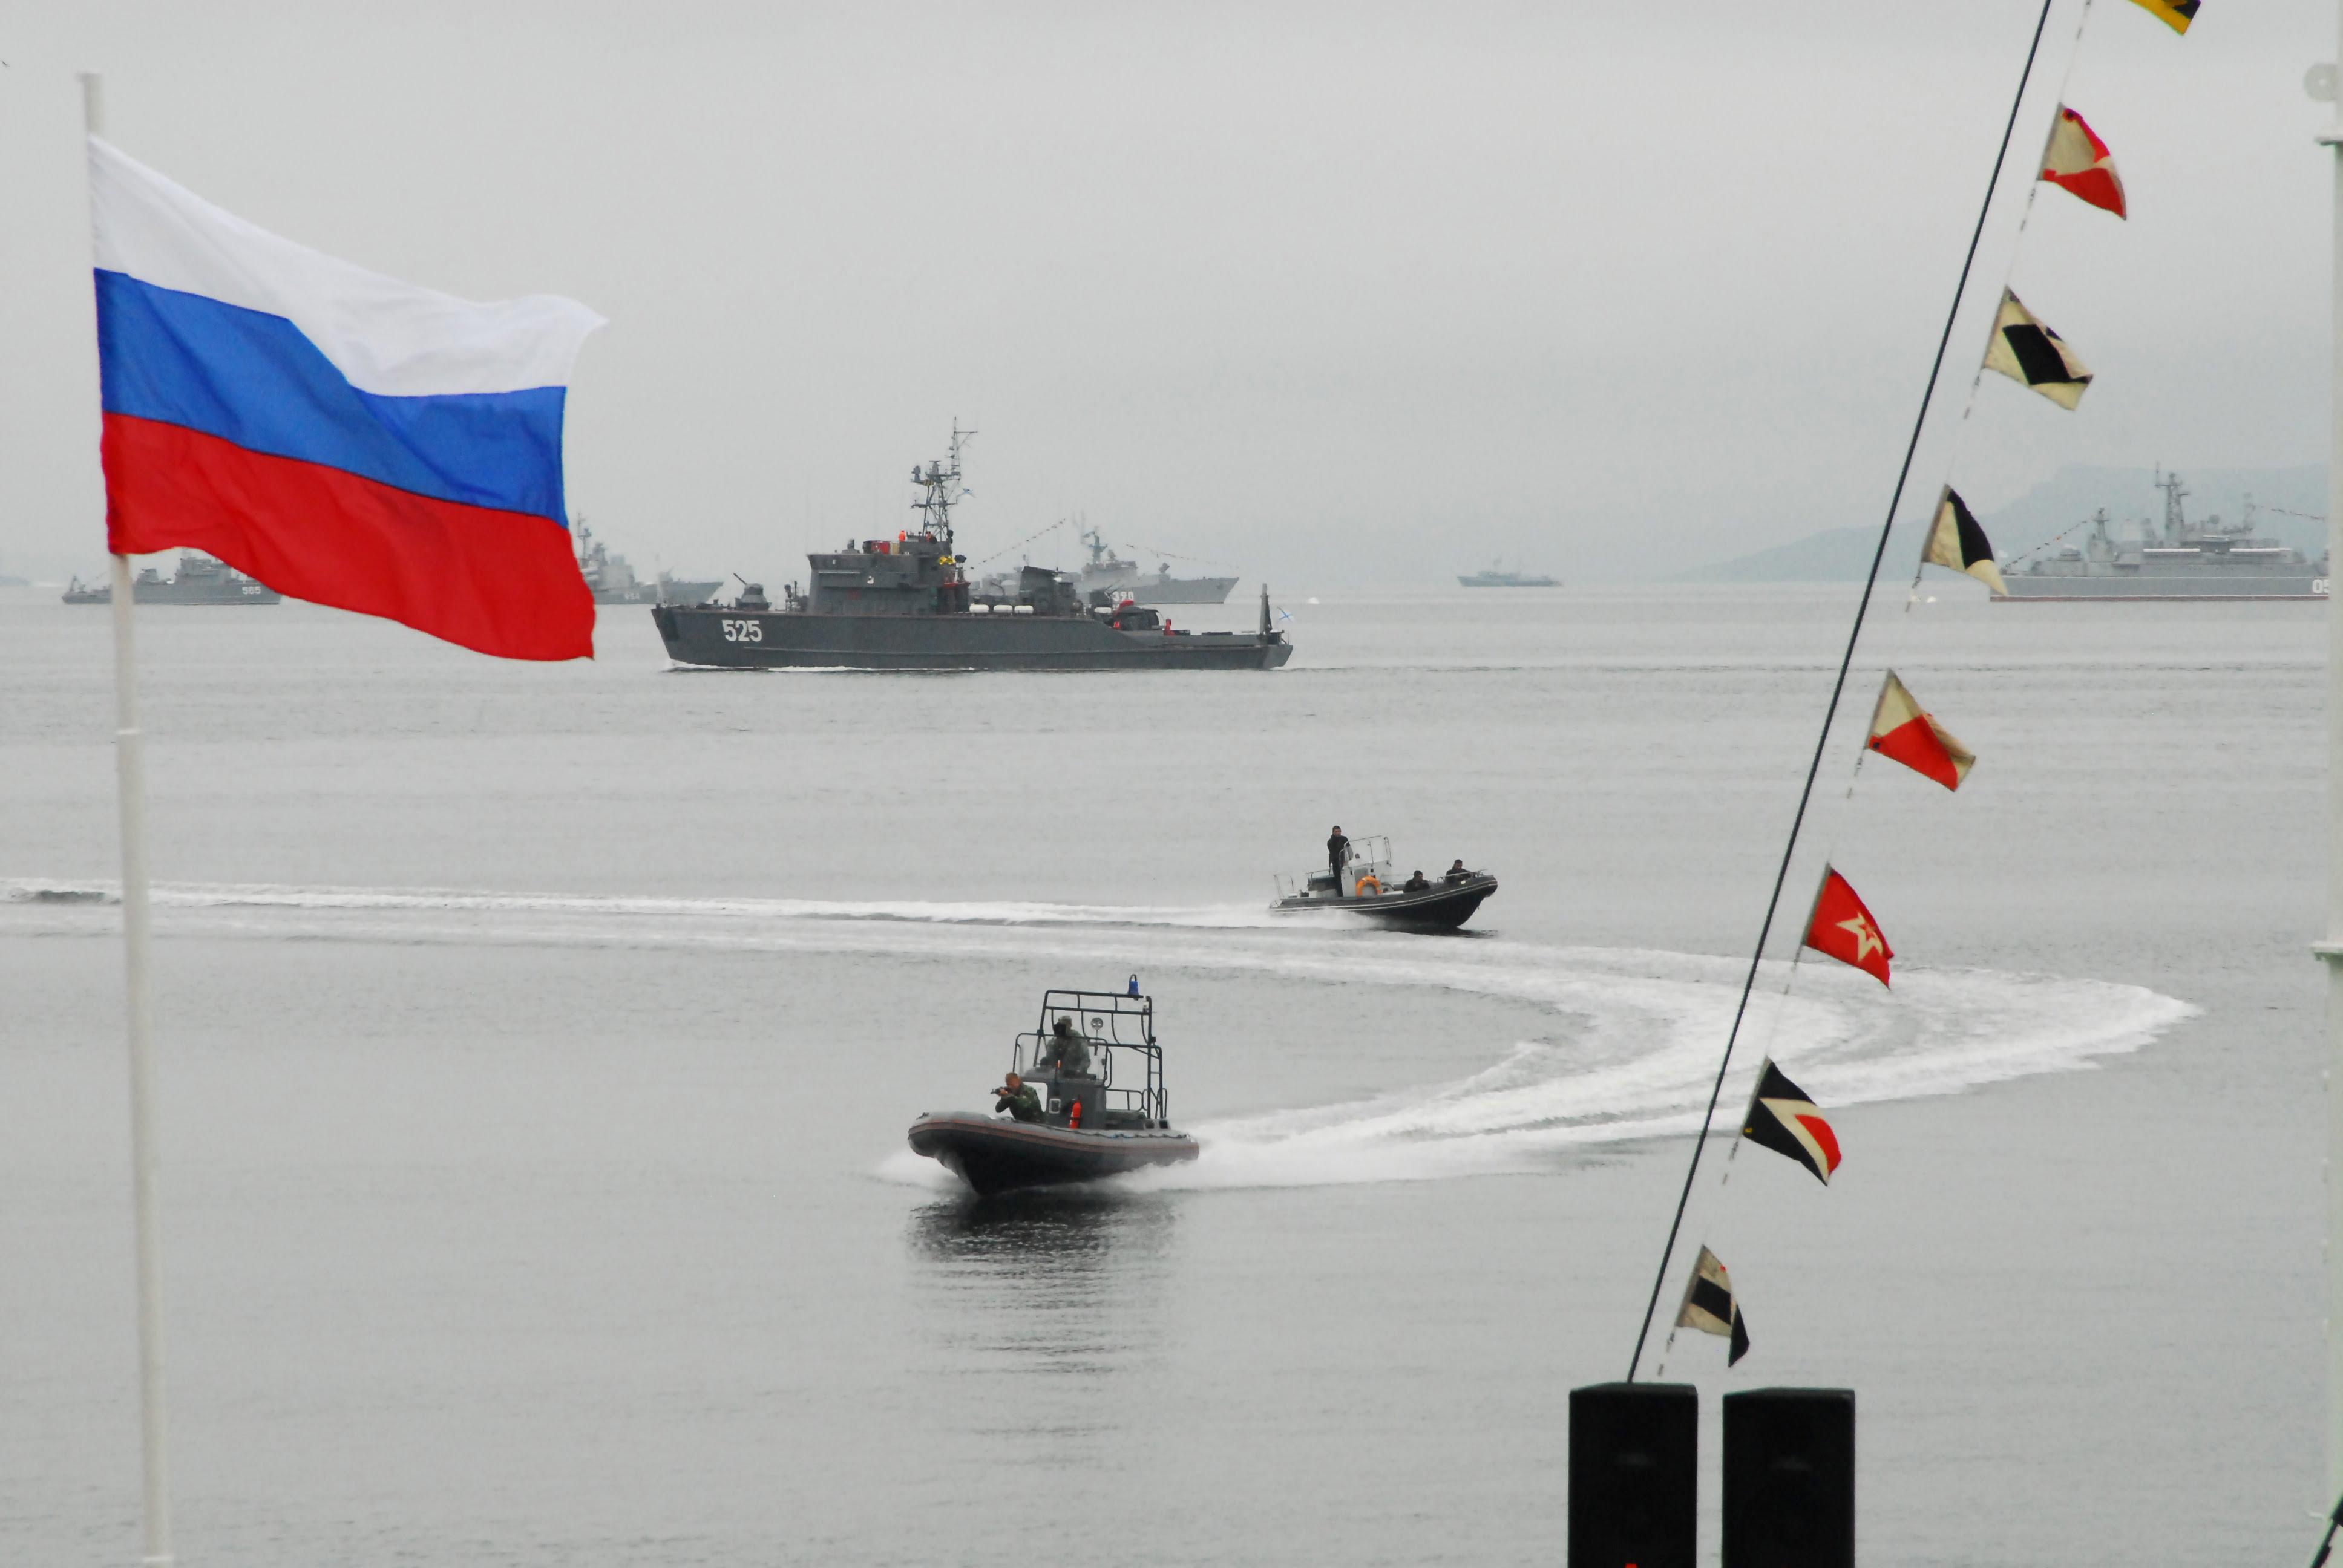 Οι ΗΠΑ ακυρώνουν τα σχέδια αποστολής πολεμικών πλοίων στα νερά του Εύξεινου Πόντου